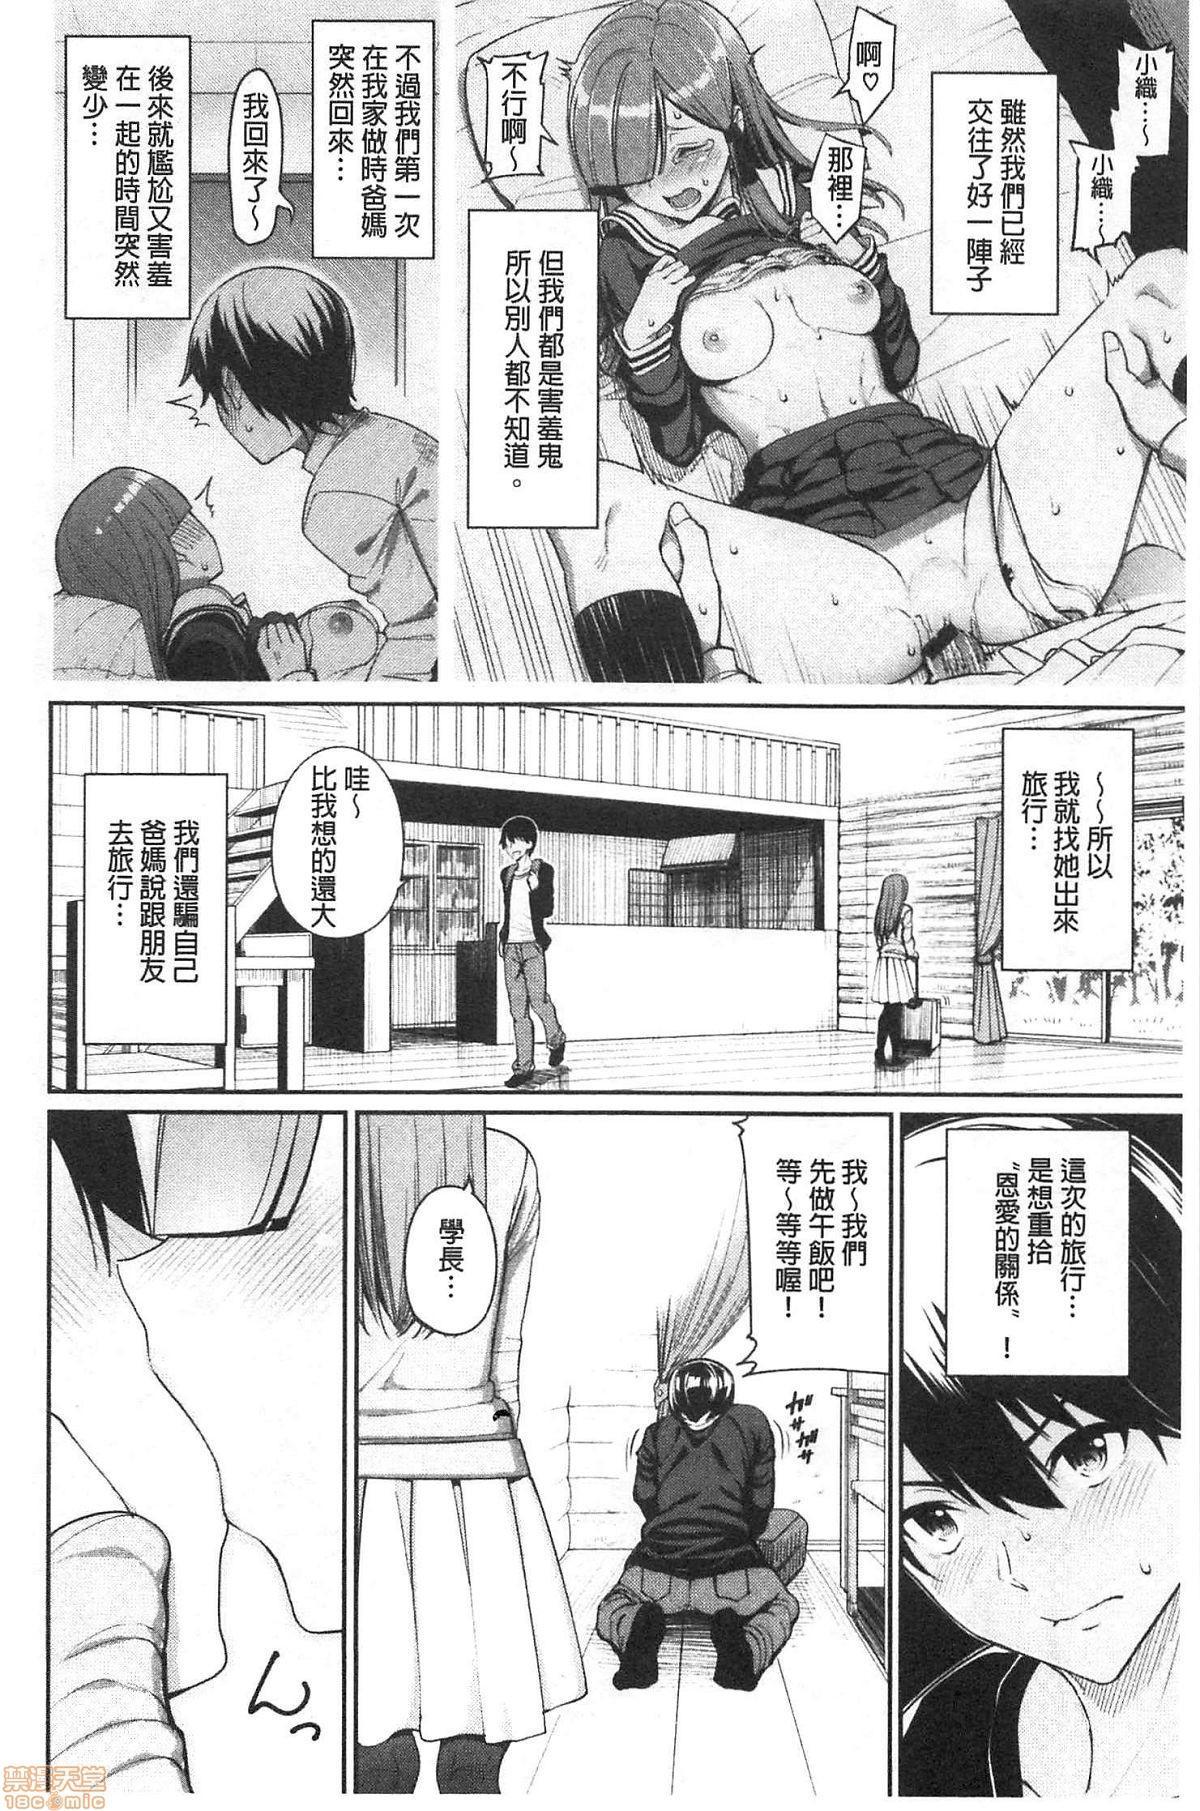 Kijoui Ecchi 151